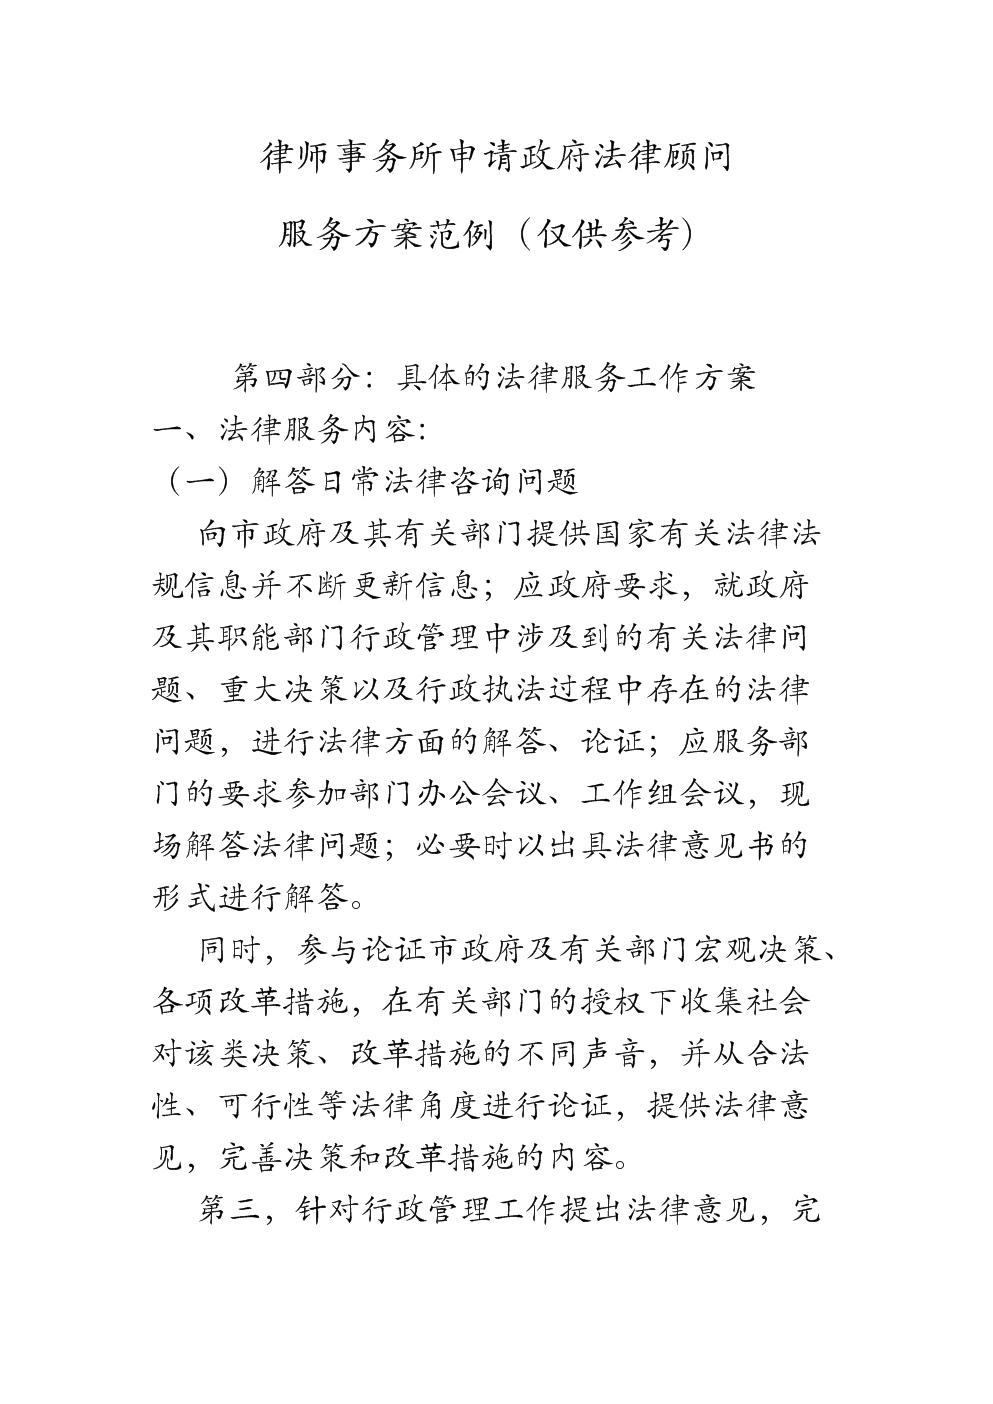 律师事务所申请政府法律顾问服务方案(仅供参考).doc